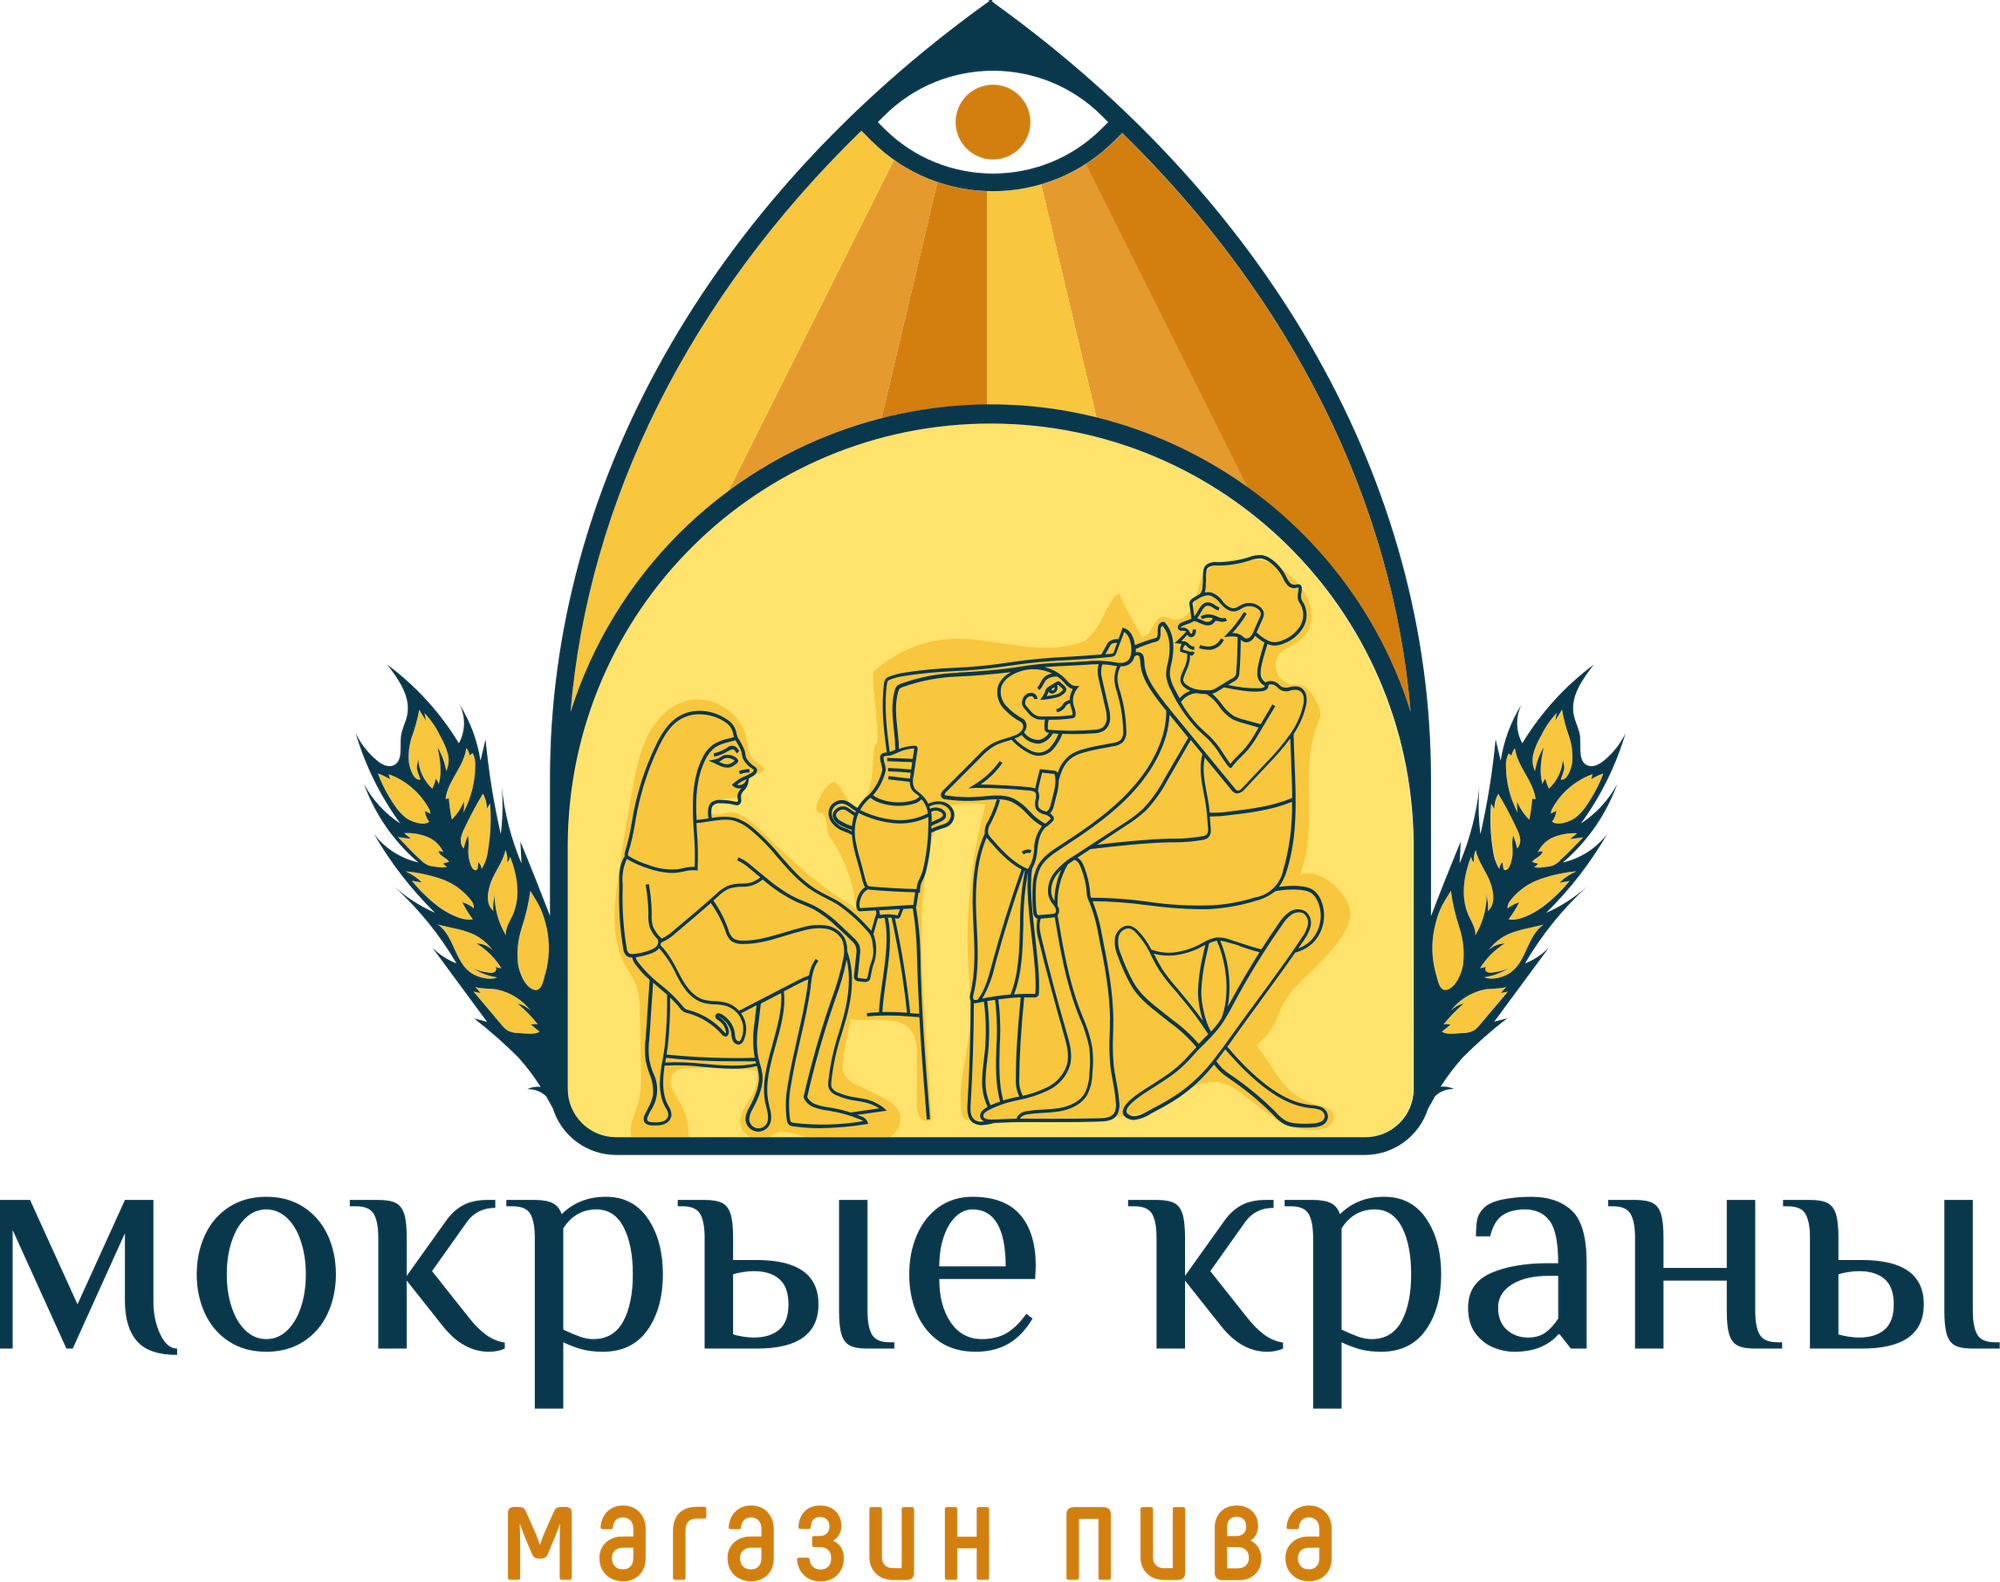 Вывеска/логотип для пивного магазина фото f_900601d5f46d215c.png